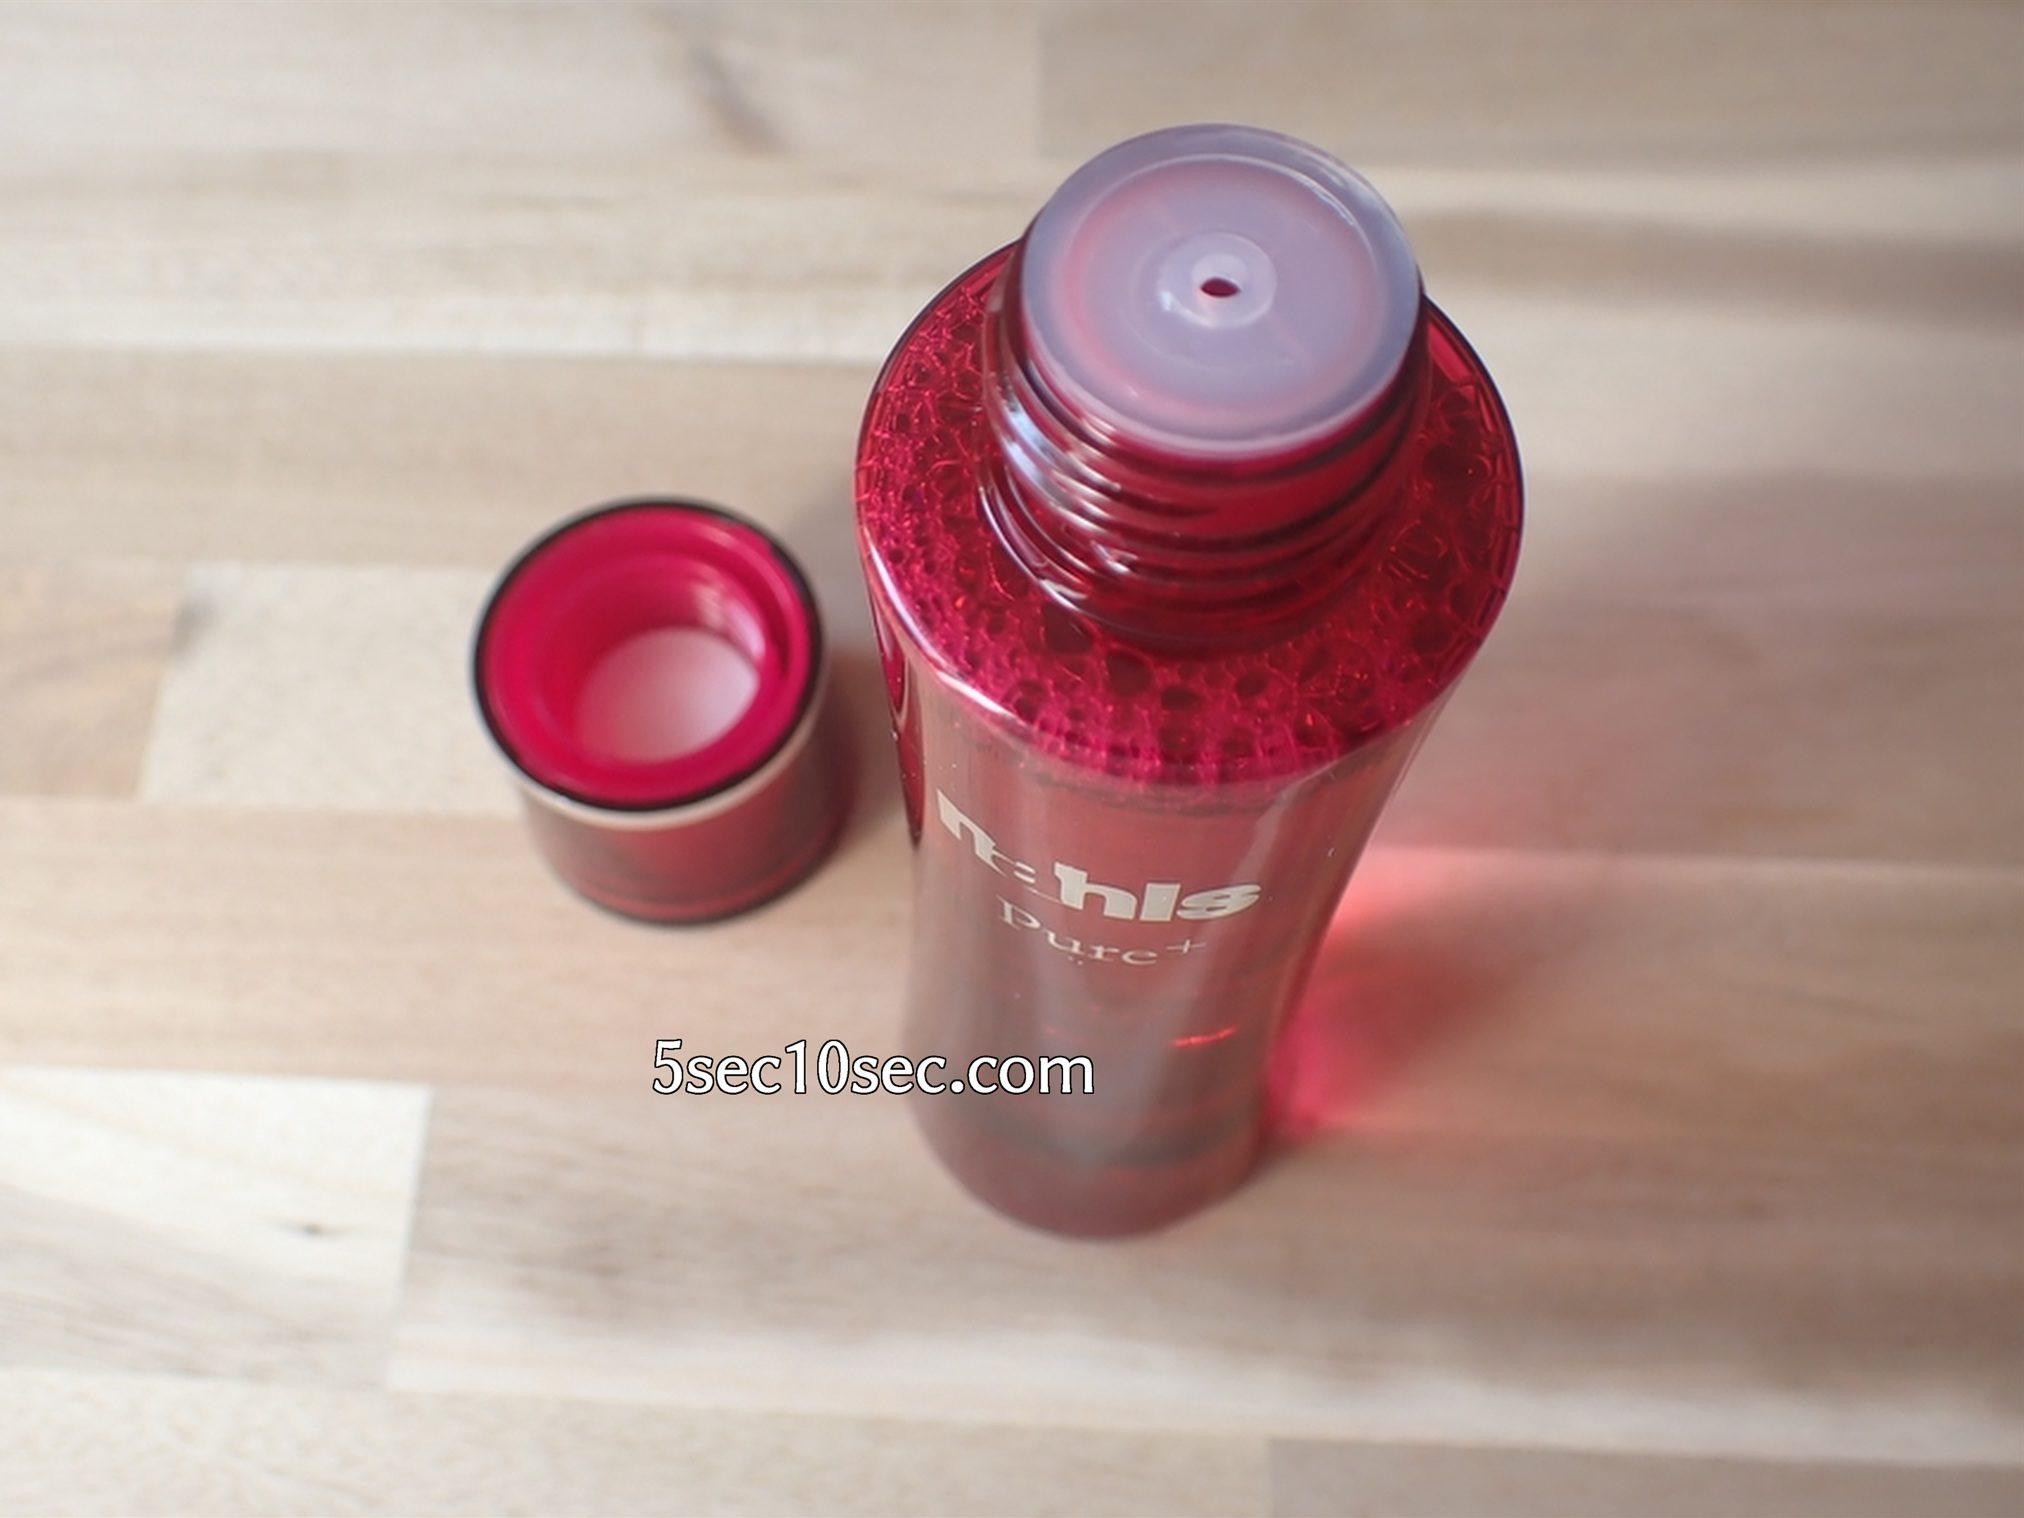 株式会社ディープインパクト ナールスピュア ナールスゲン配合化粧水 開封写真 容器の蓋を開けるとドロッパ―がついています